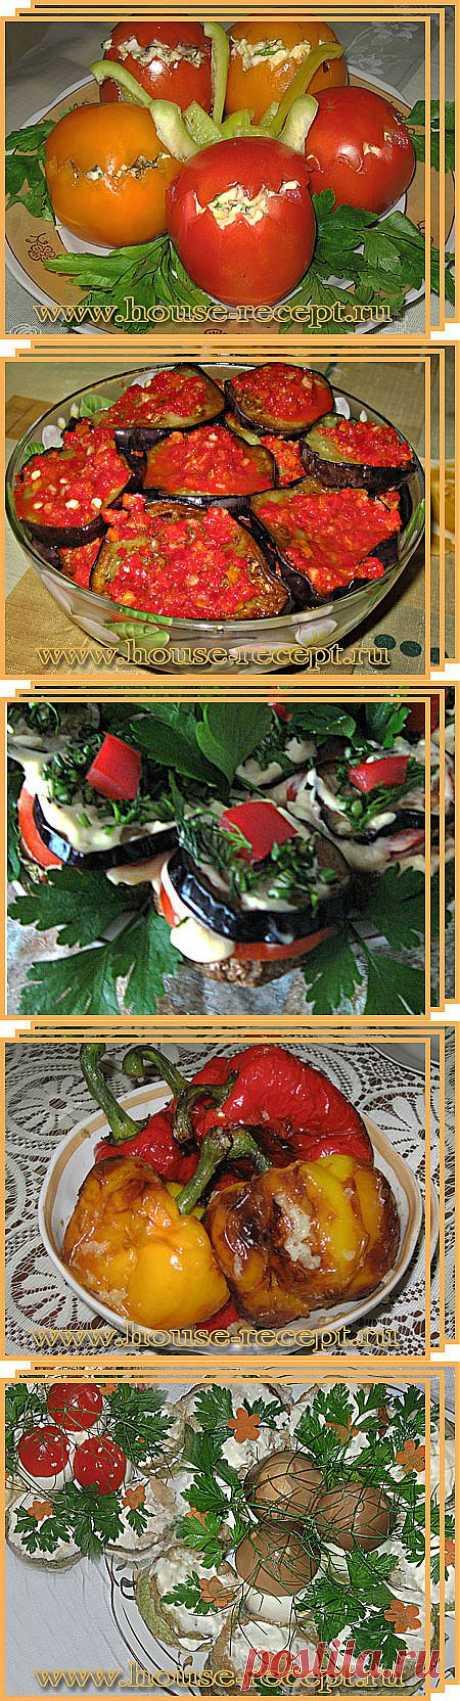 Приготовление овощных закусок. Рецепты закусок из овощей с фото и описанием приготовления.